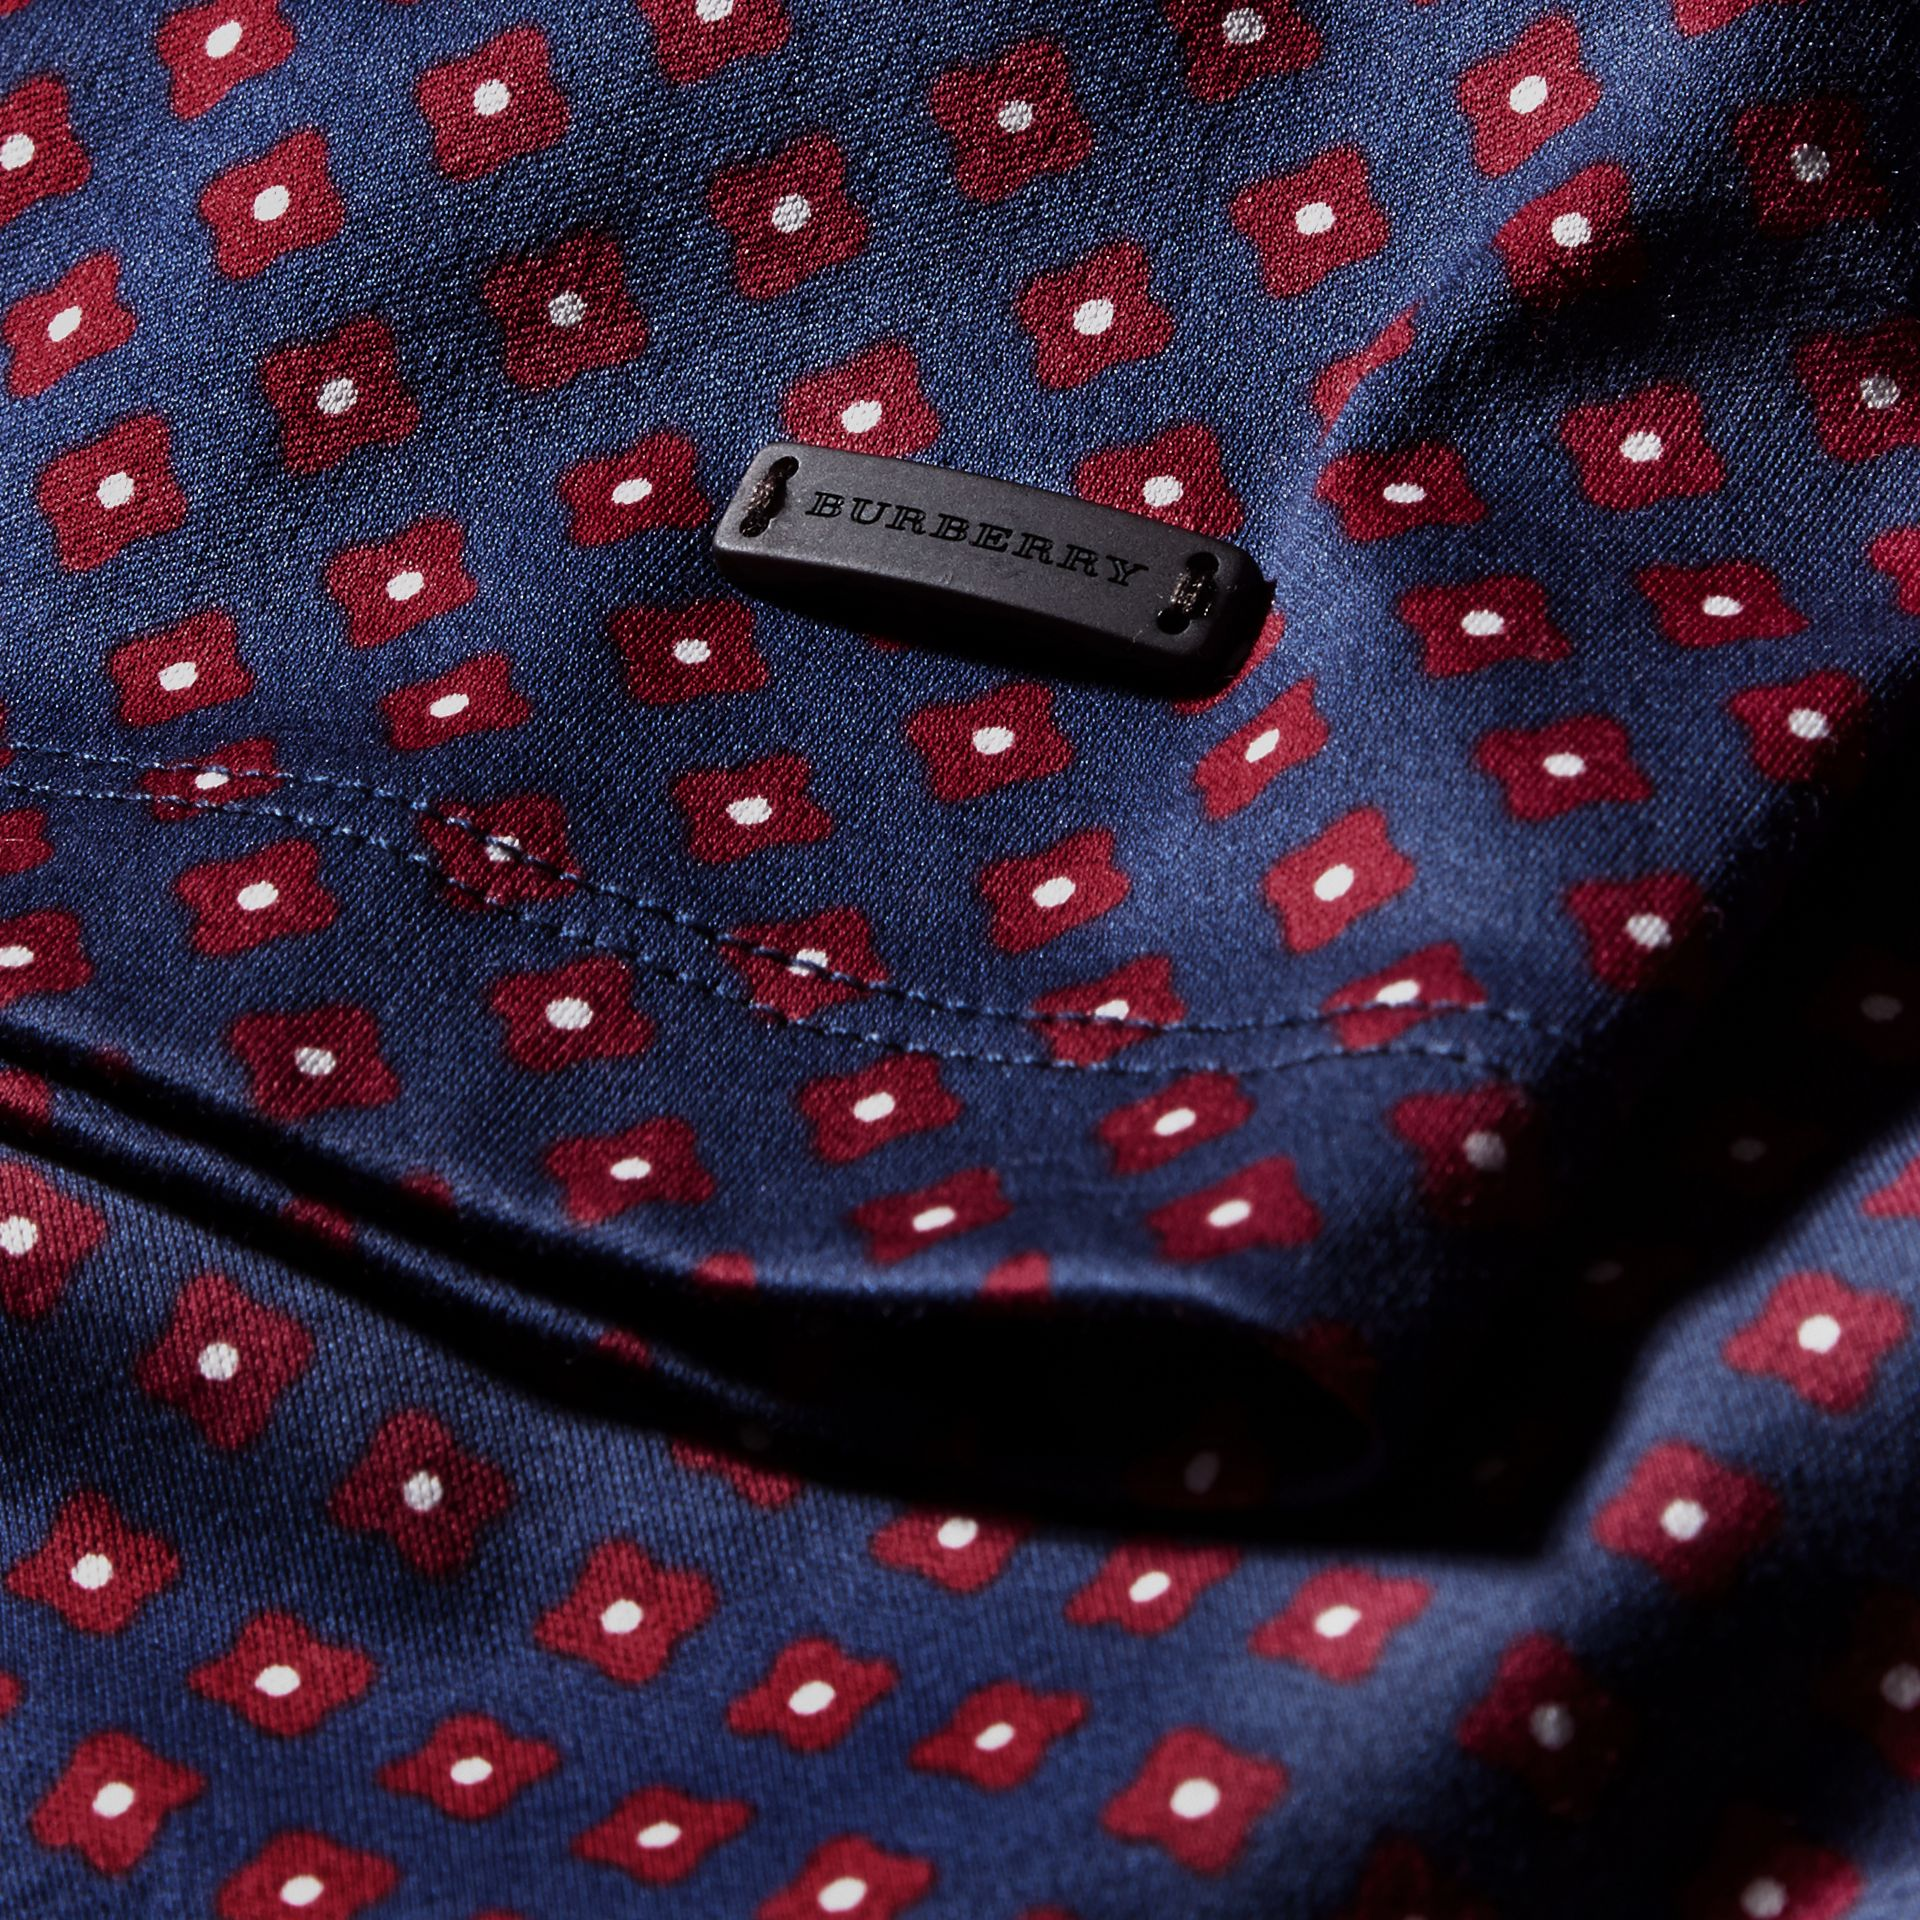 Helles marineblau Baumwoll-T-Shirt mit geometrischem Druckmotiv - Galerie-Bild 2